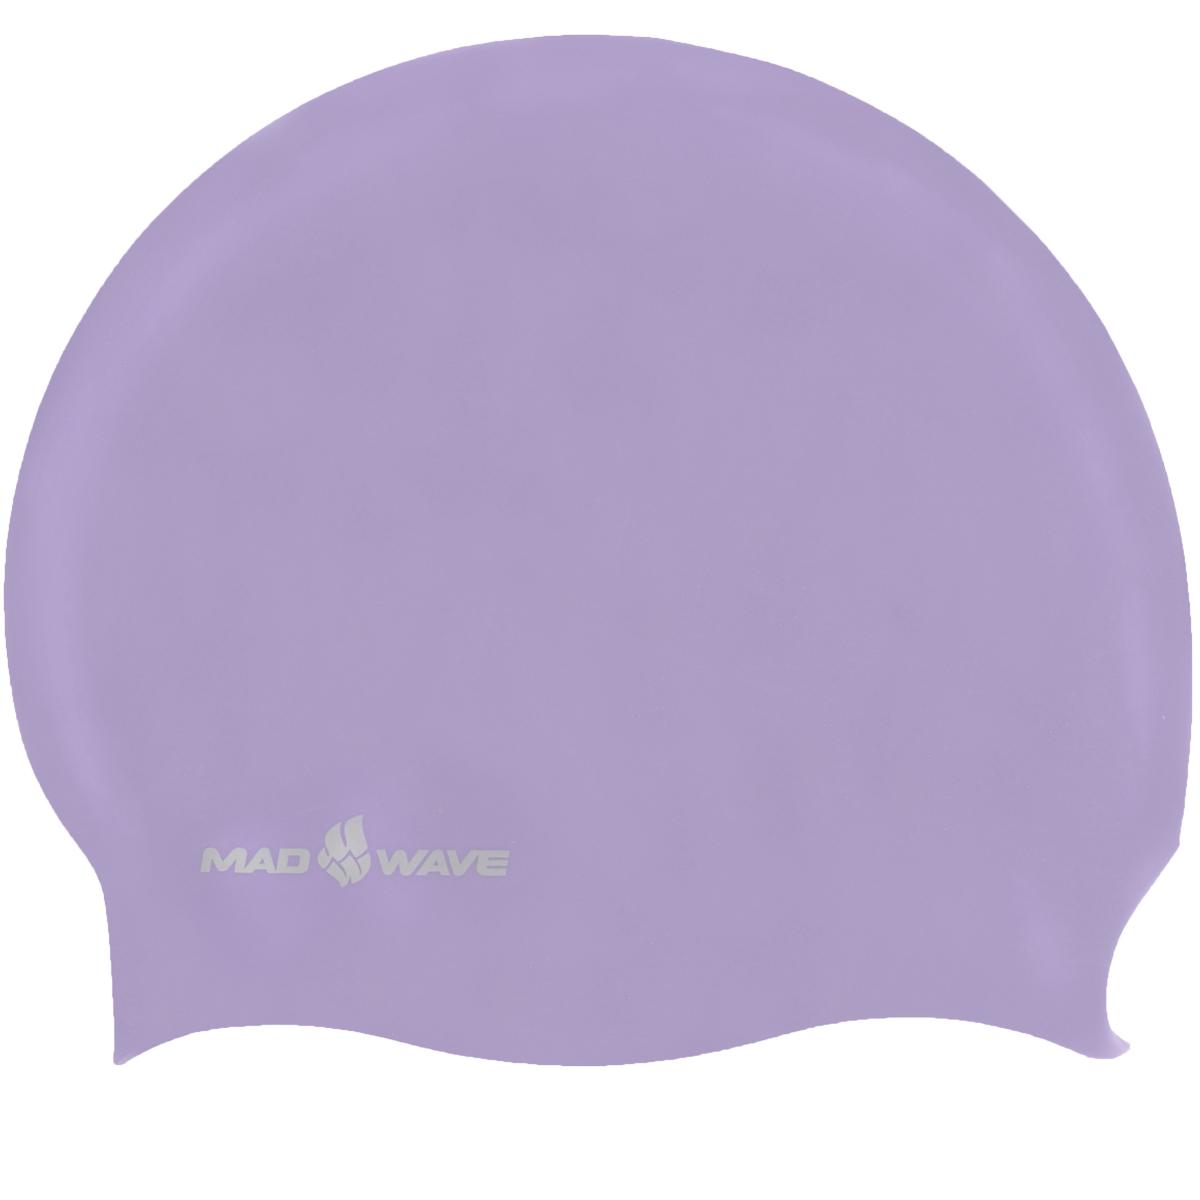 Шапочка для плавания Mad Wave Reverse Champion, цвет: розовый, фиолетовый100070783D двусторонняя шапочка для плавания Mad Wave Reverse Champion изготовлена из мягкого прочного силикона, который обеспечивает идеальную подгонку и комфорт. Материал шапочки не вызывает раздражения, что гарантирует безопасность использования шапочки. Силикон не пропускает воду и приятен на ощупь.